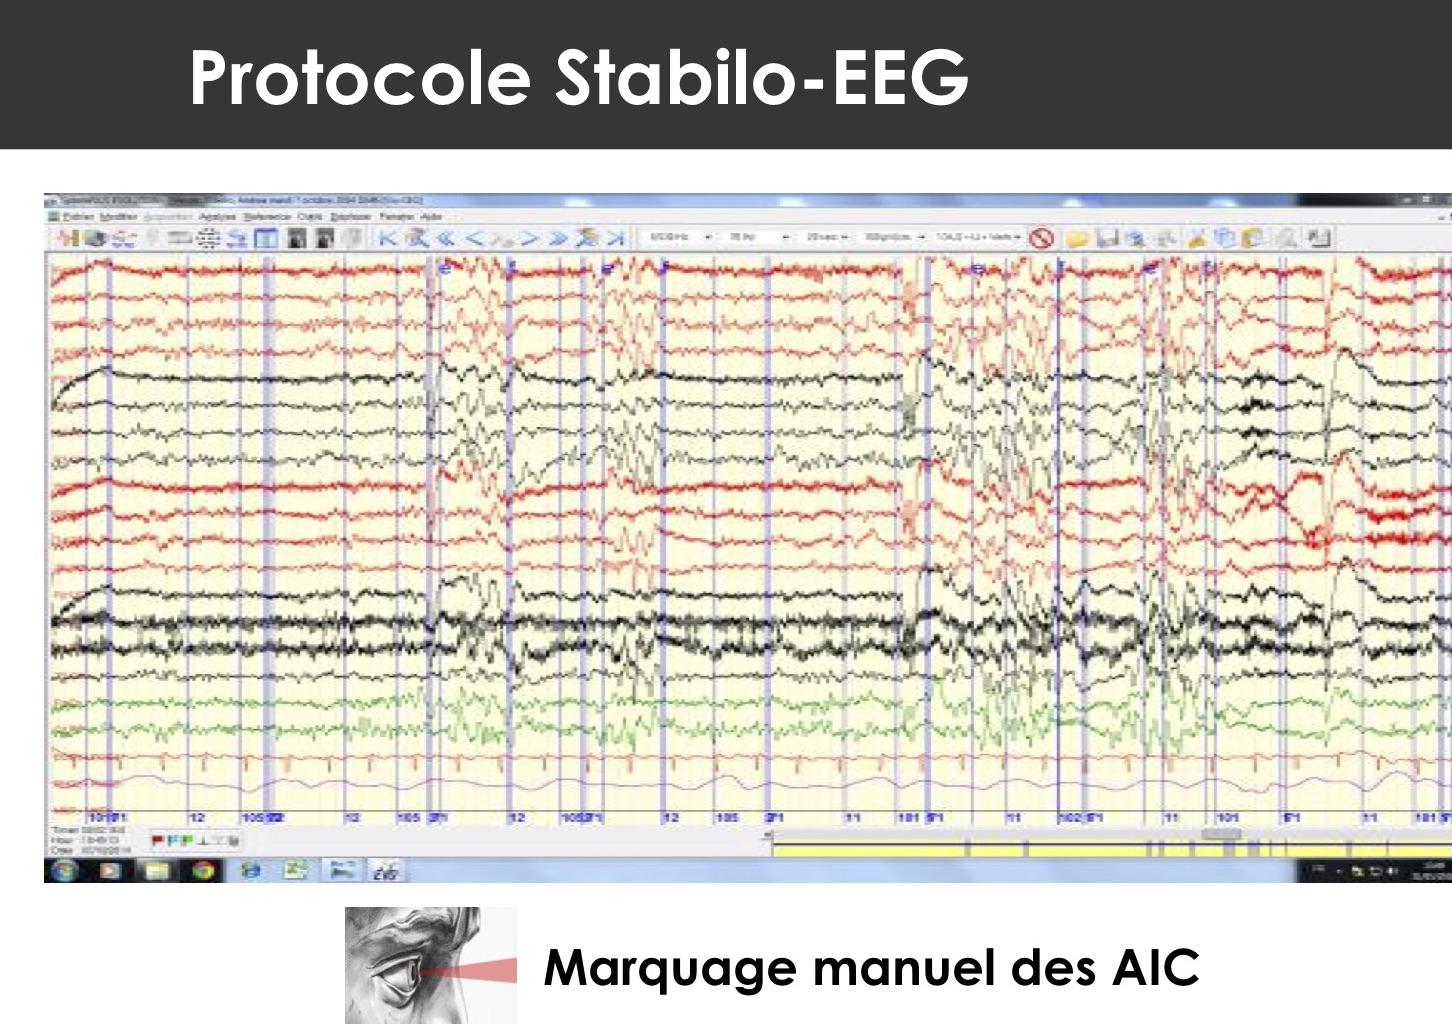 Marquage des AIC sur un EEG (photo : DR)